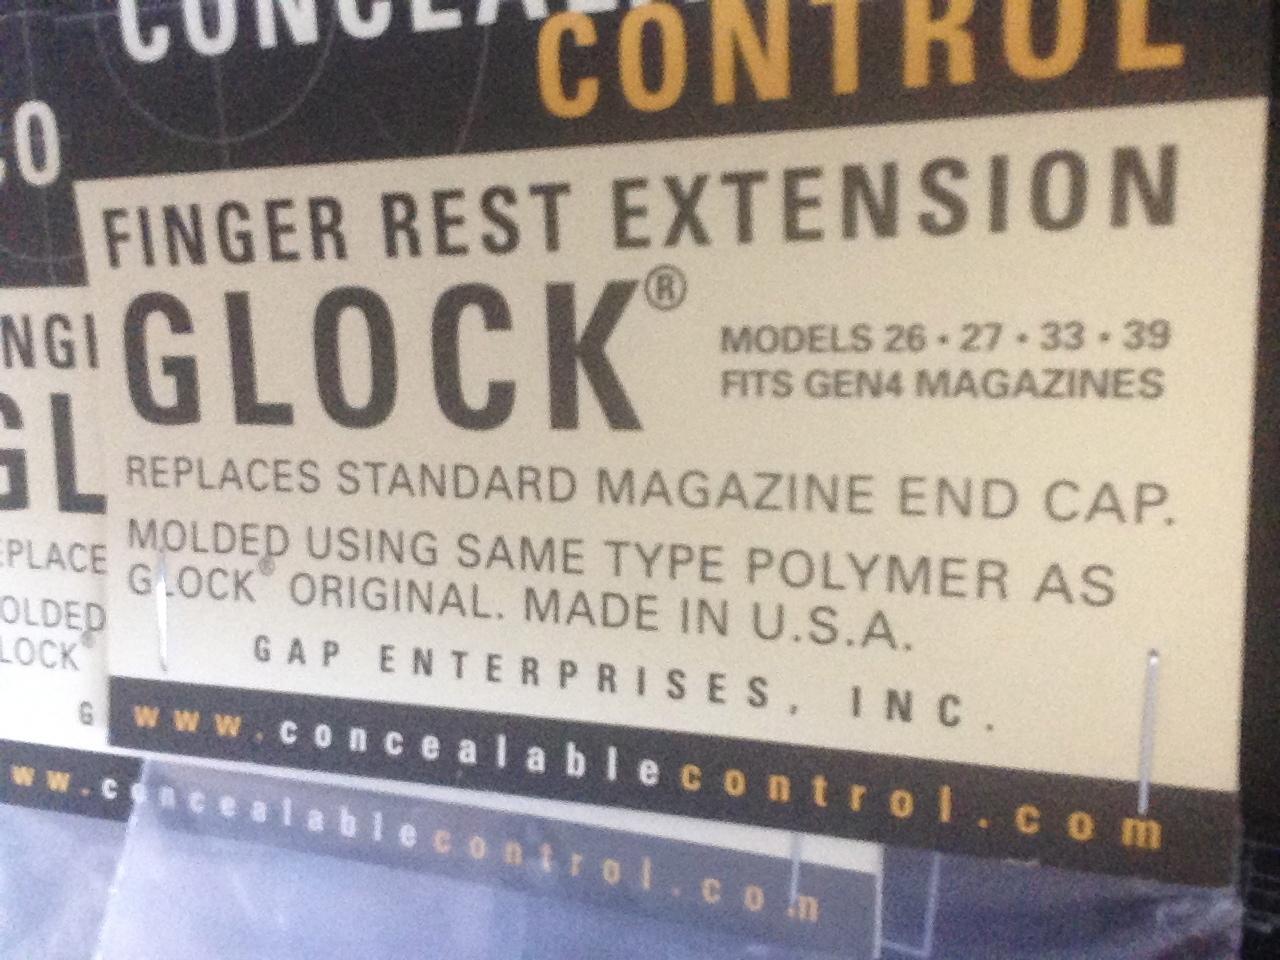 GAP Base Plates Glock 26 27 33 39-img_0239.jpg